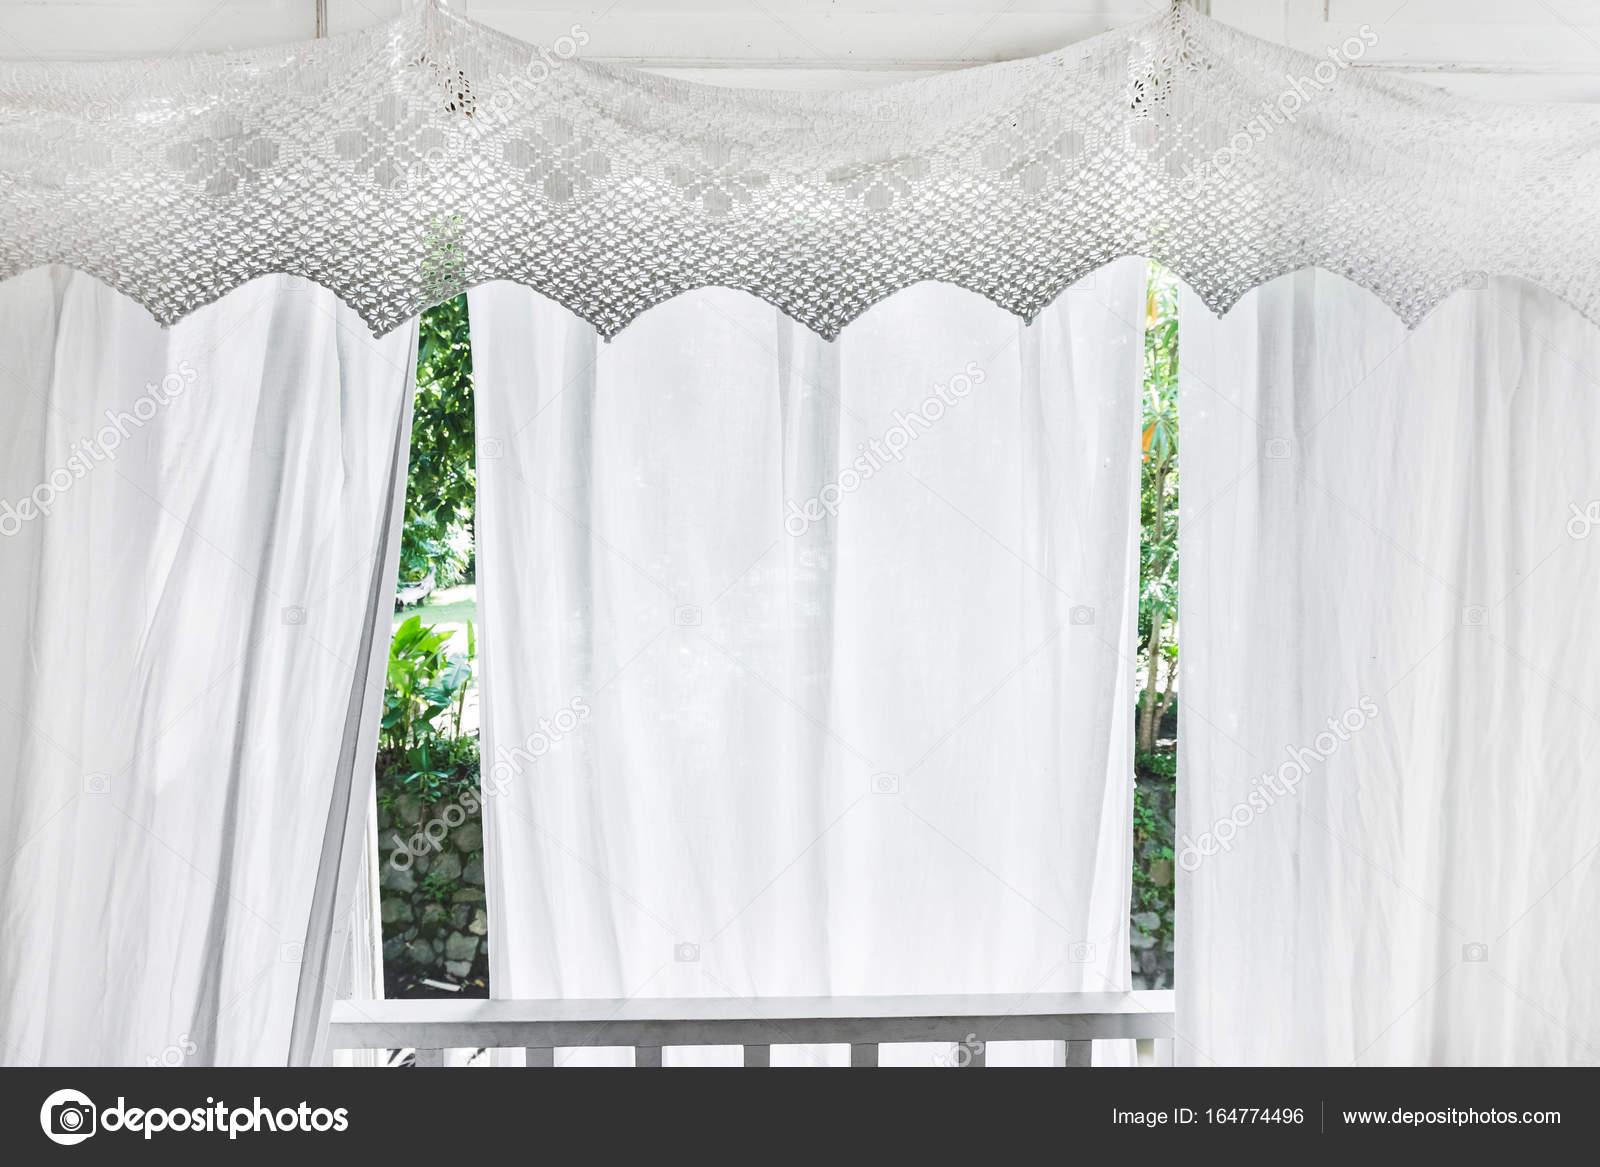 https://st3.depositphotos.com/7144652/16477/i/1600/depositphotos_164774496-stockafbeelding-witte-gordijnen-met-patronen.jpg